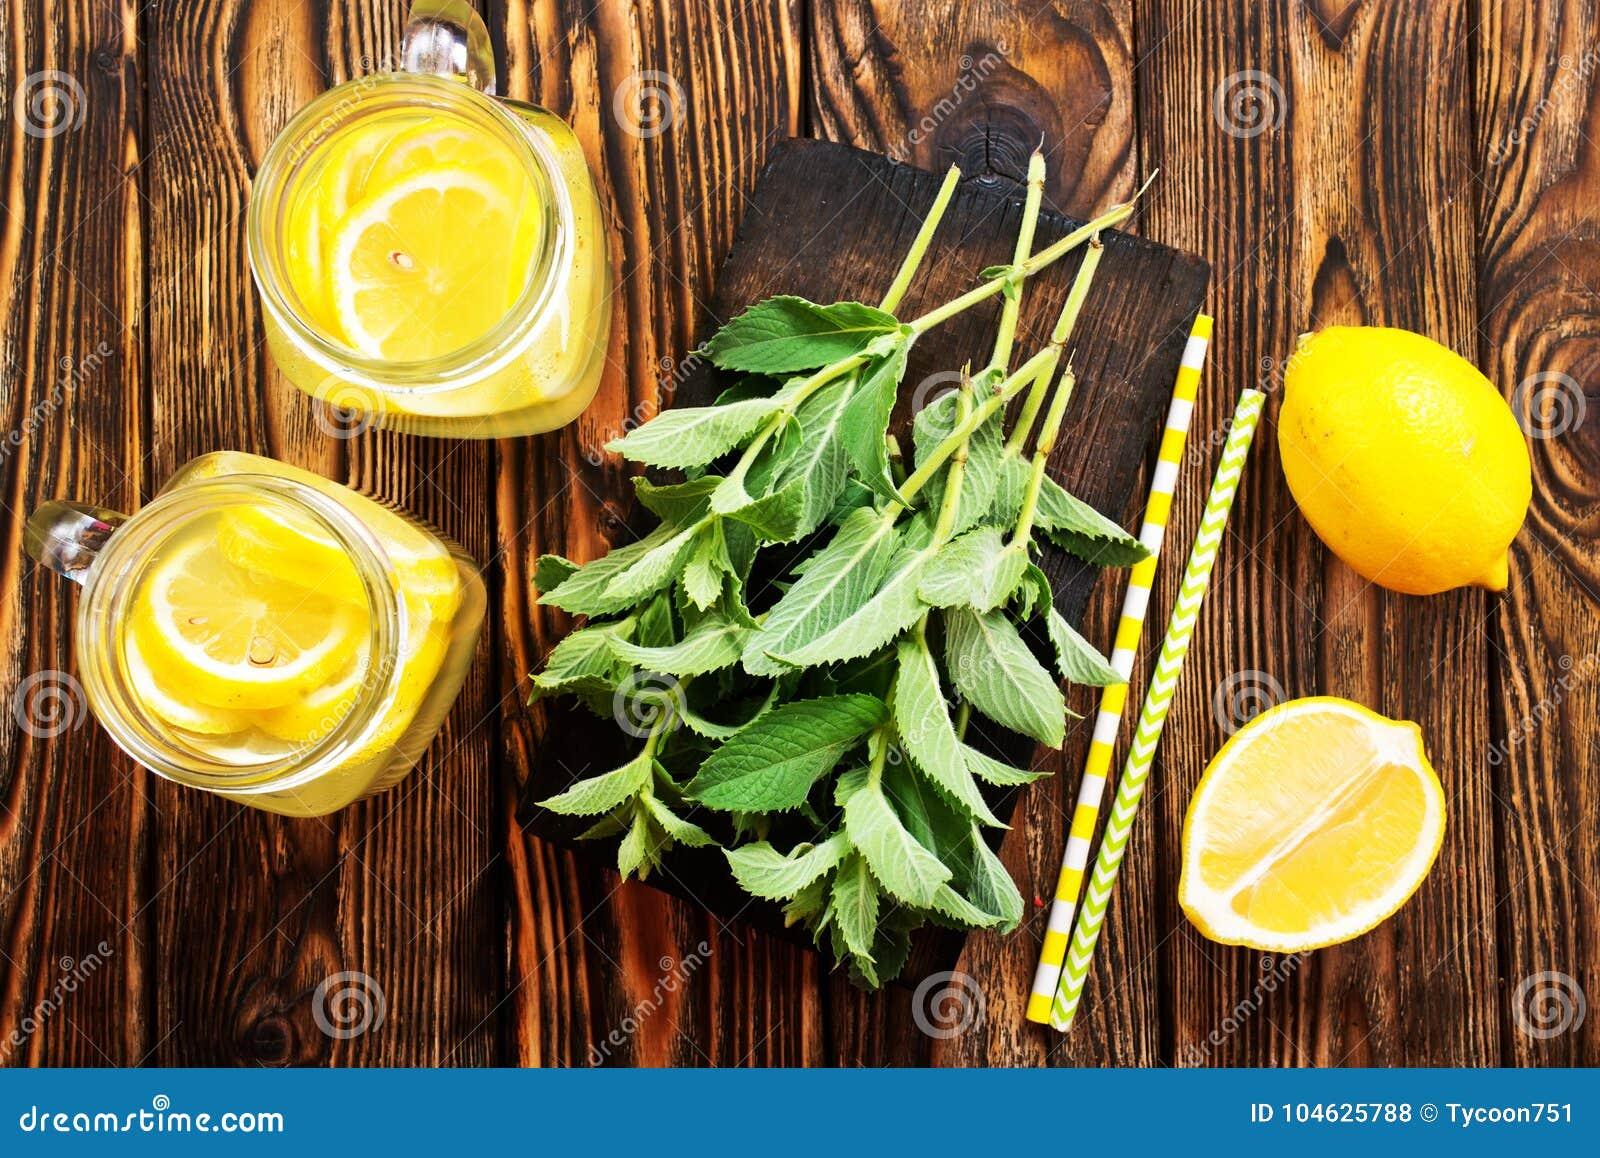 Download Limonade stock foto. Afbeelding bestaande uit citrusvrucht - 104625788